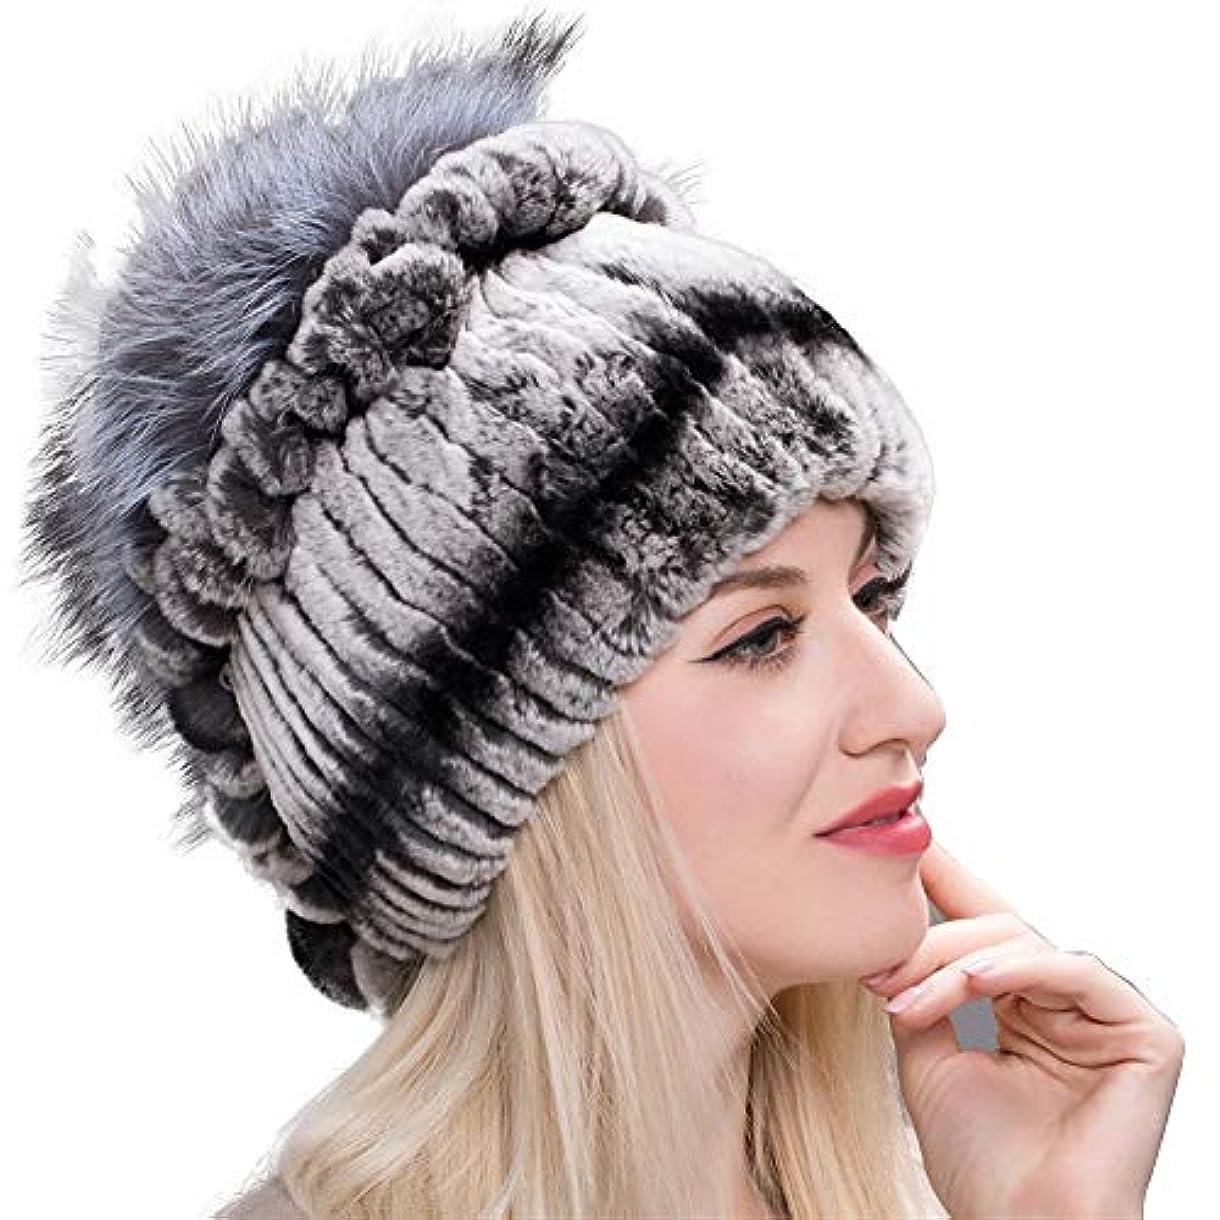 一元化する無駄に登るACAO さんの秋と冬レッキスの毛皮の帽子ニットウールキャップ耳のファッションの女性の野生の花のキツネの毛皮の帽子は包頭に暖かく保つために (色 : Cyan blue, Size : M)